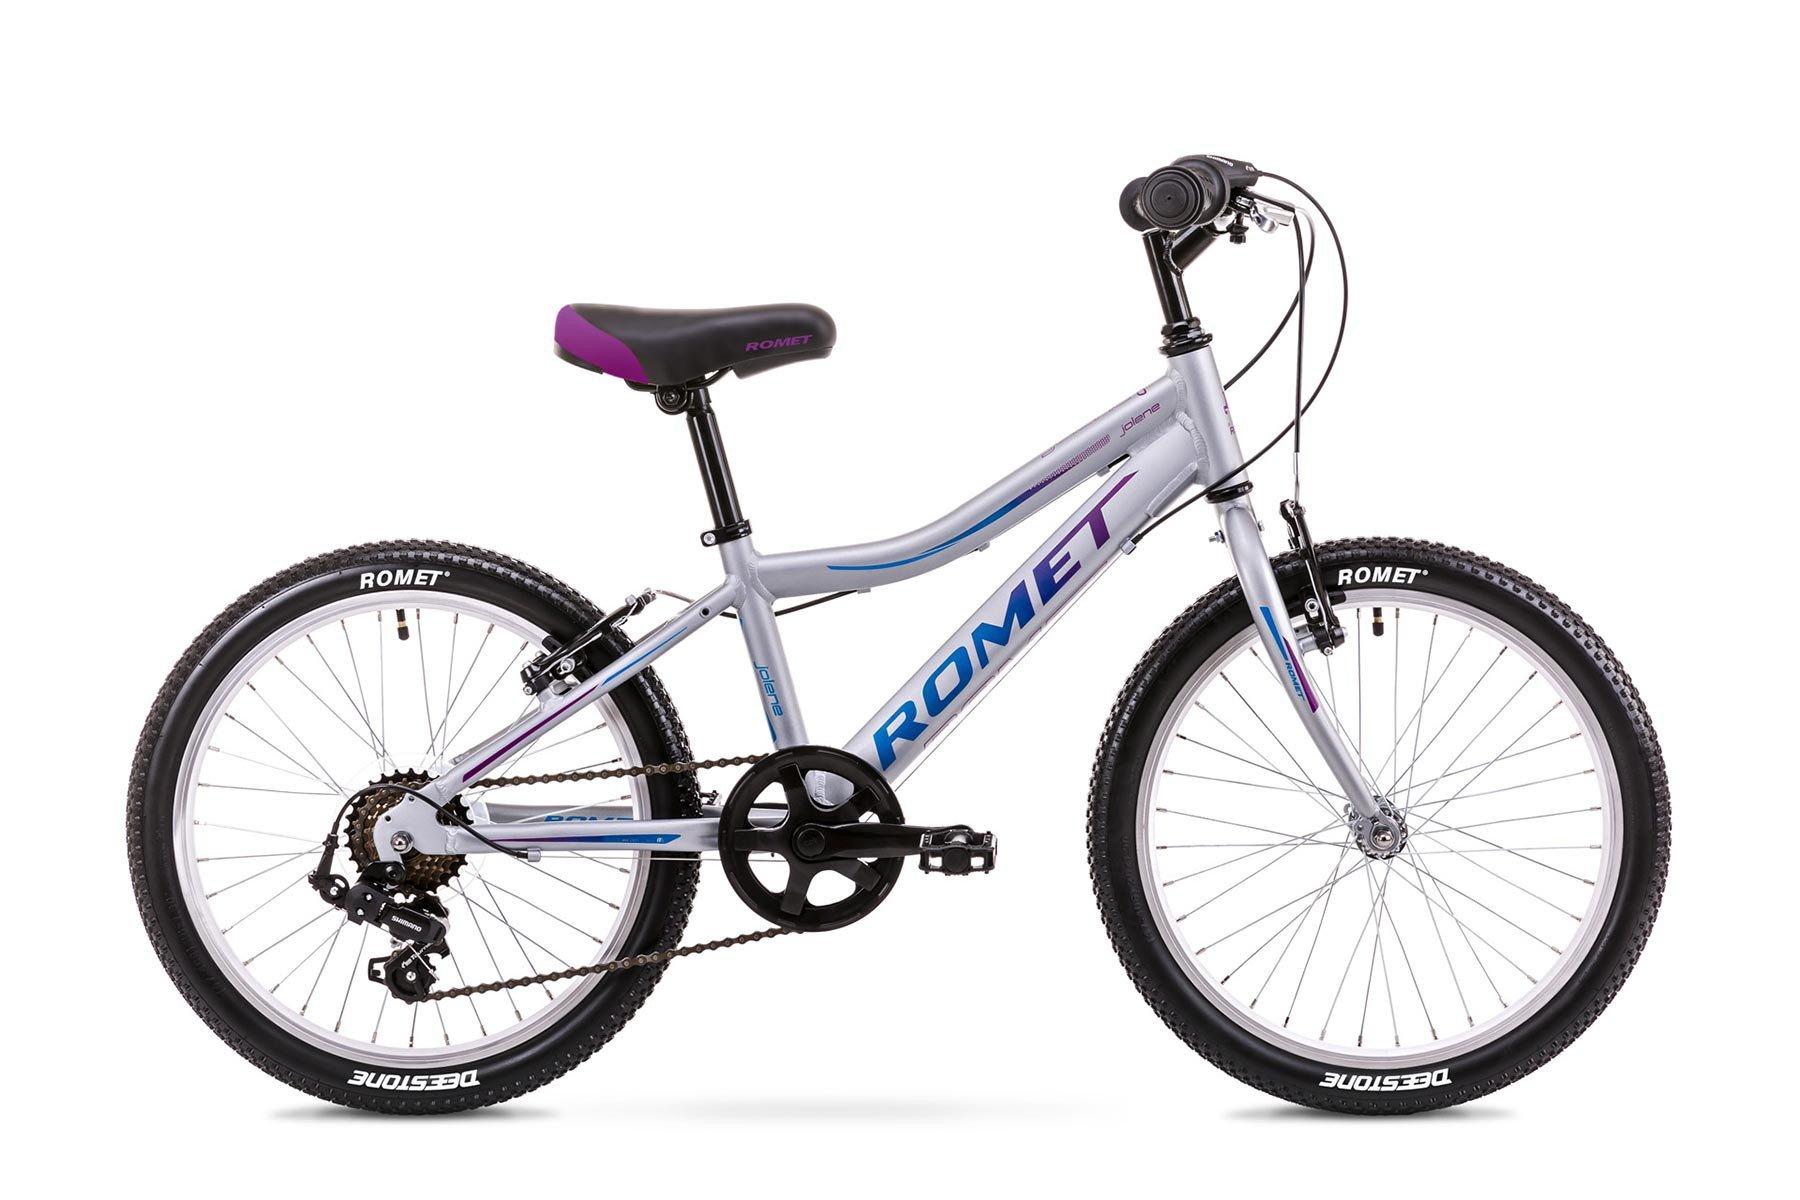 Romet Jolene 1 20 6speed Tourney Sølv | City-cykler